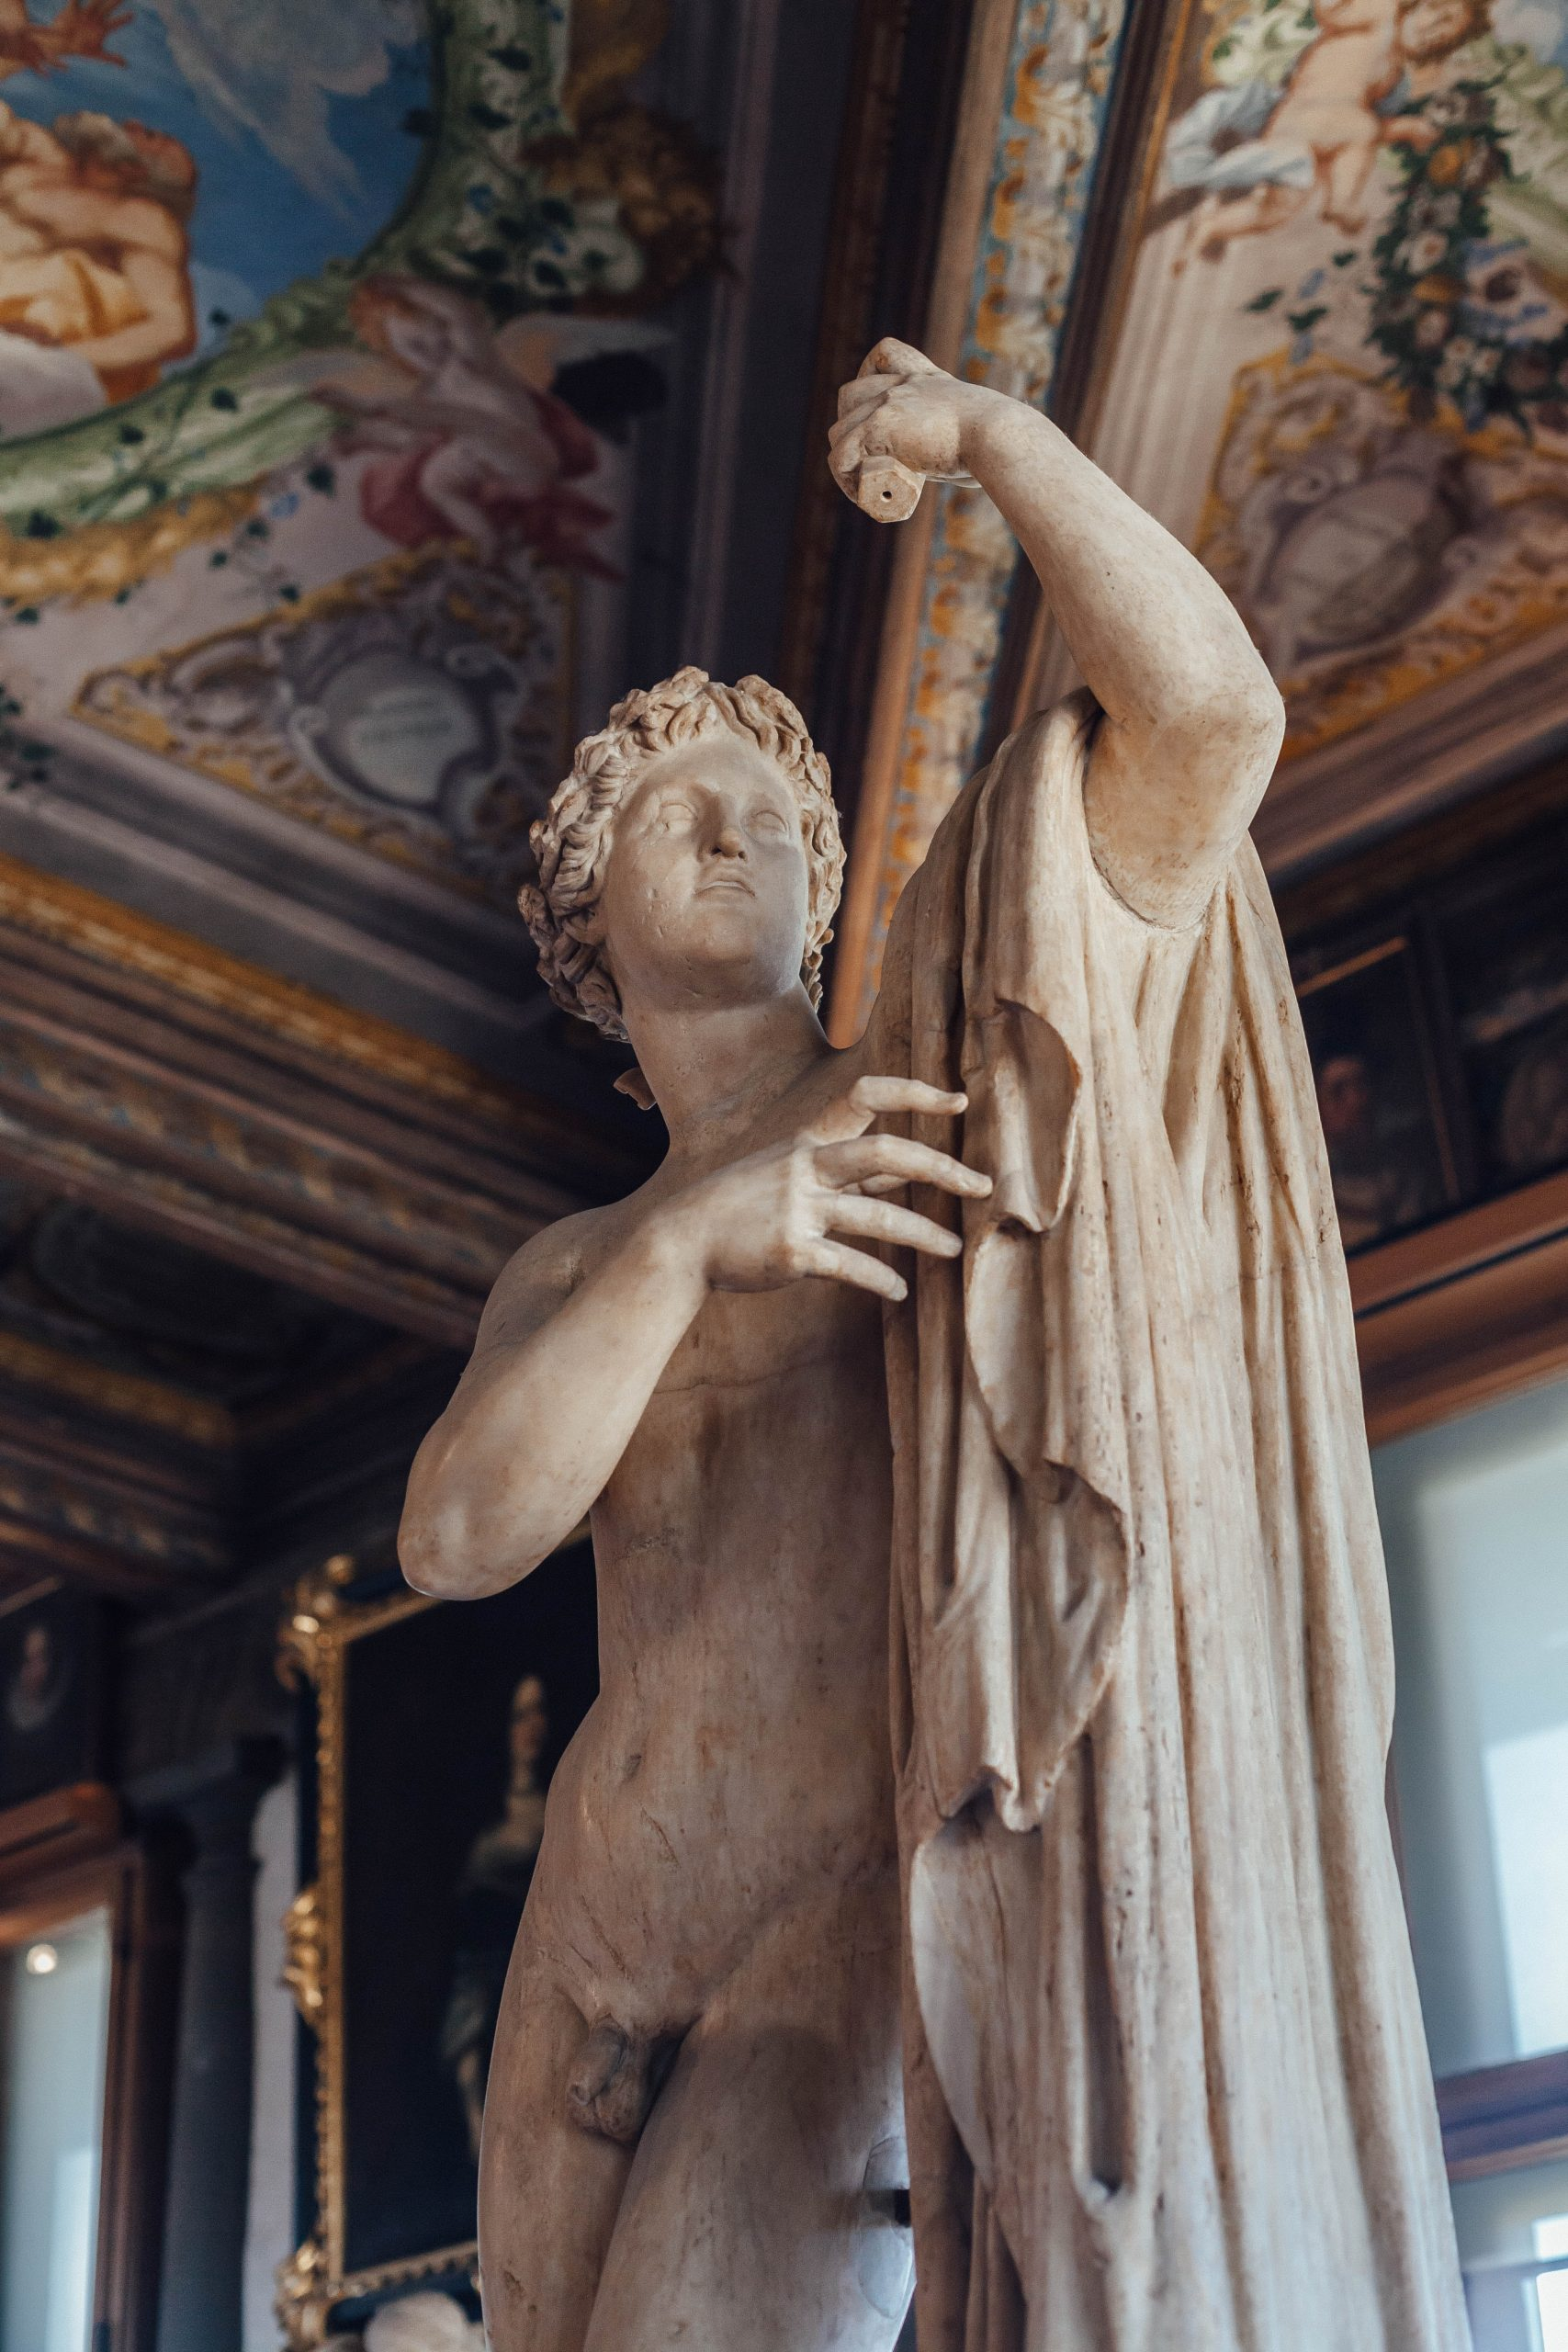 Galería de los Uffizi, Florencia